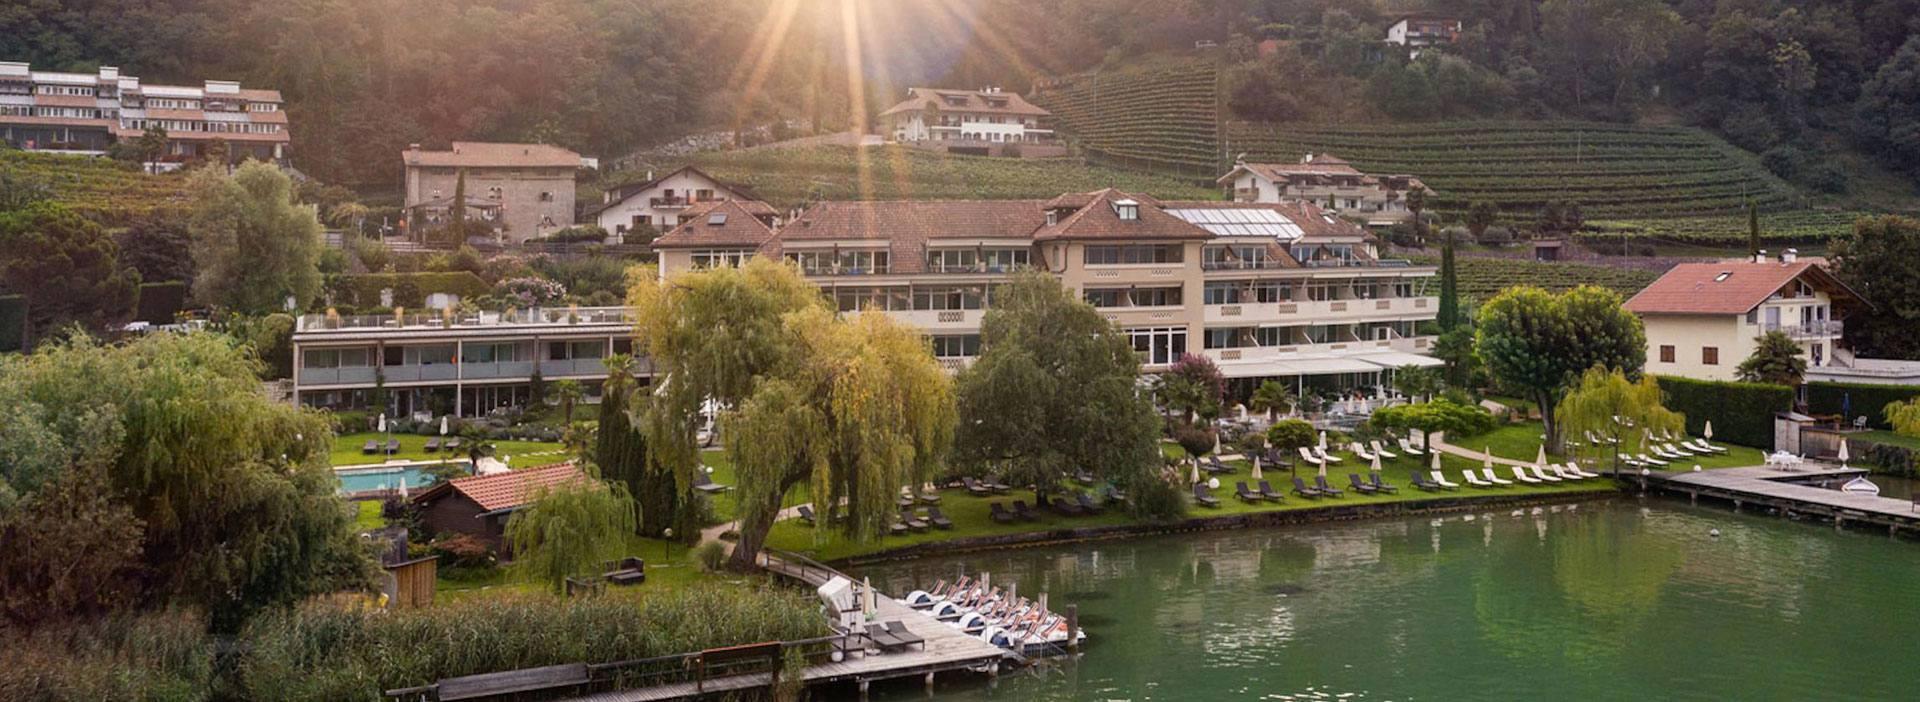 Parc Hotel al Lago